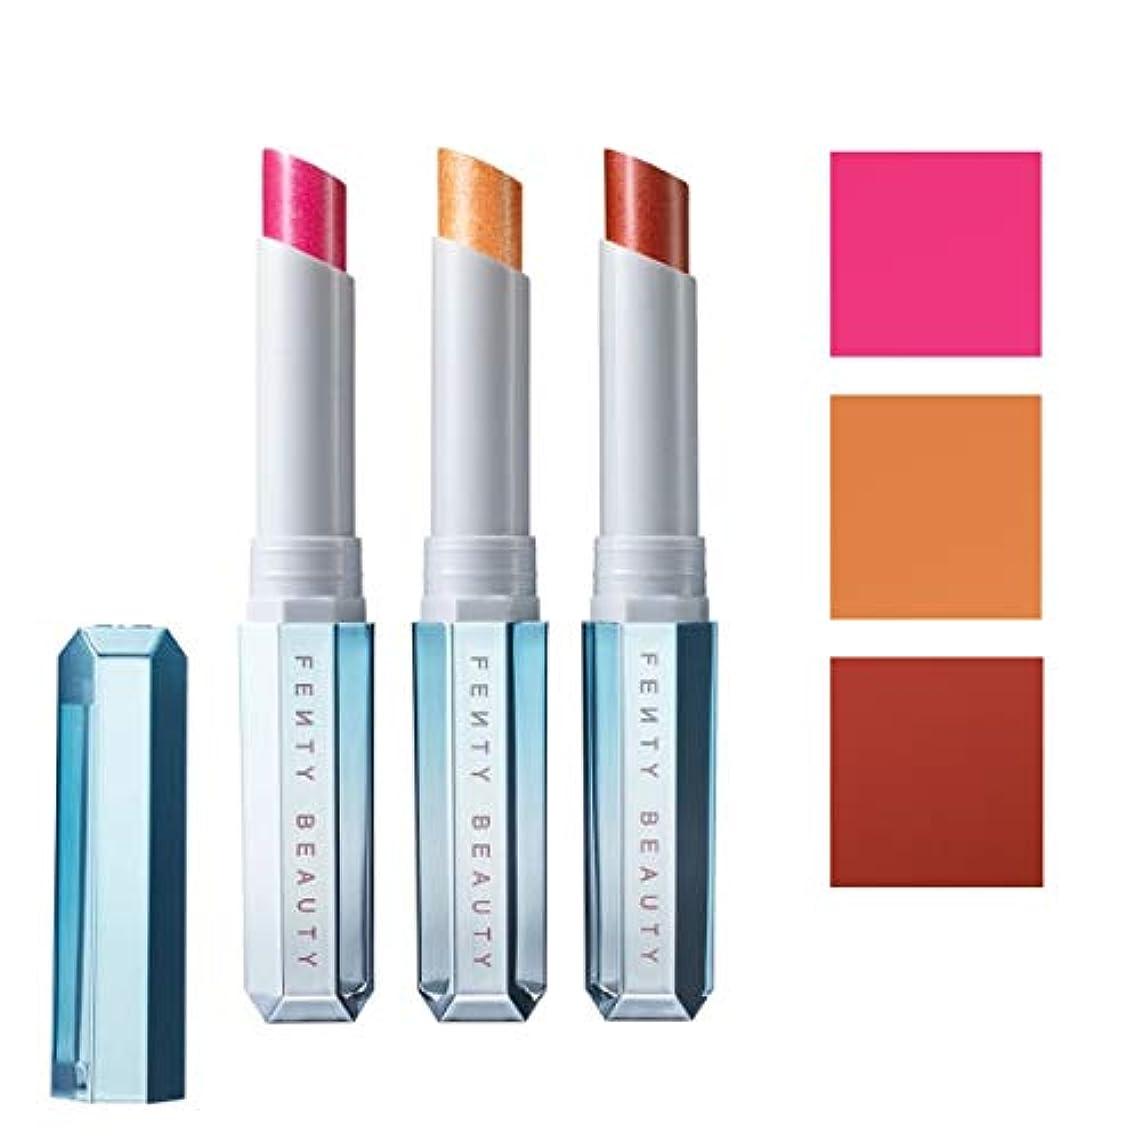 トレーニングバーゲンひまわりFENTY BEAUTY BY RIHANNA 限定版 limited-edition, Frosted Metal Lipstick 3pc Set - Snow Daze [海外直送品] [並行輸入品]